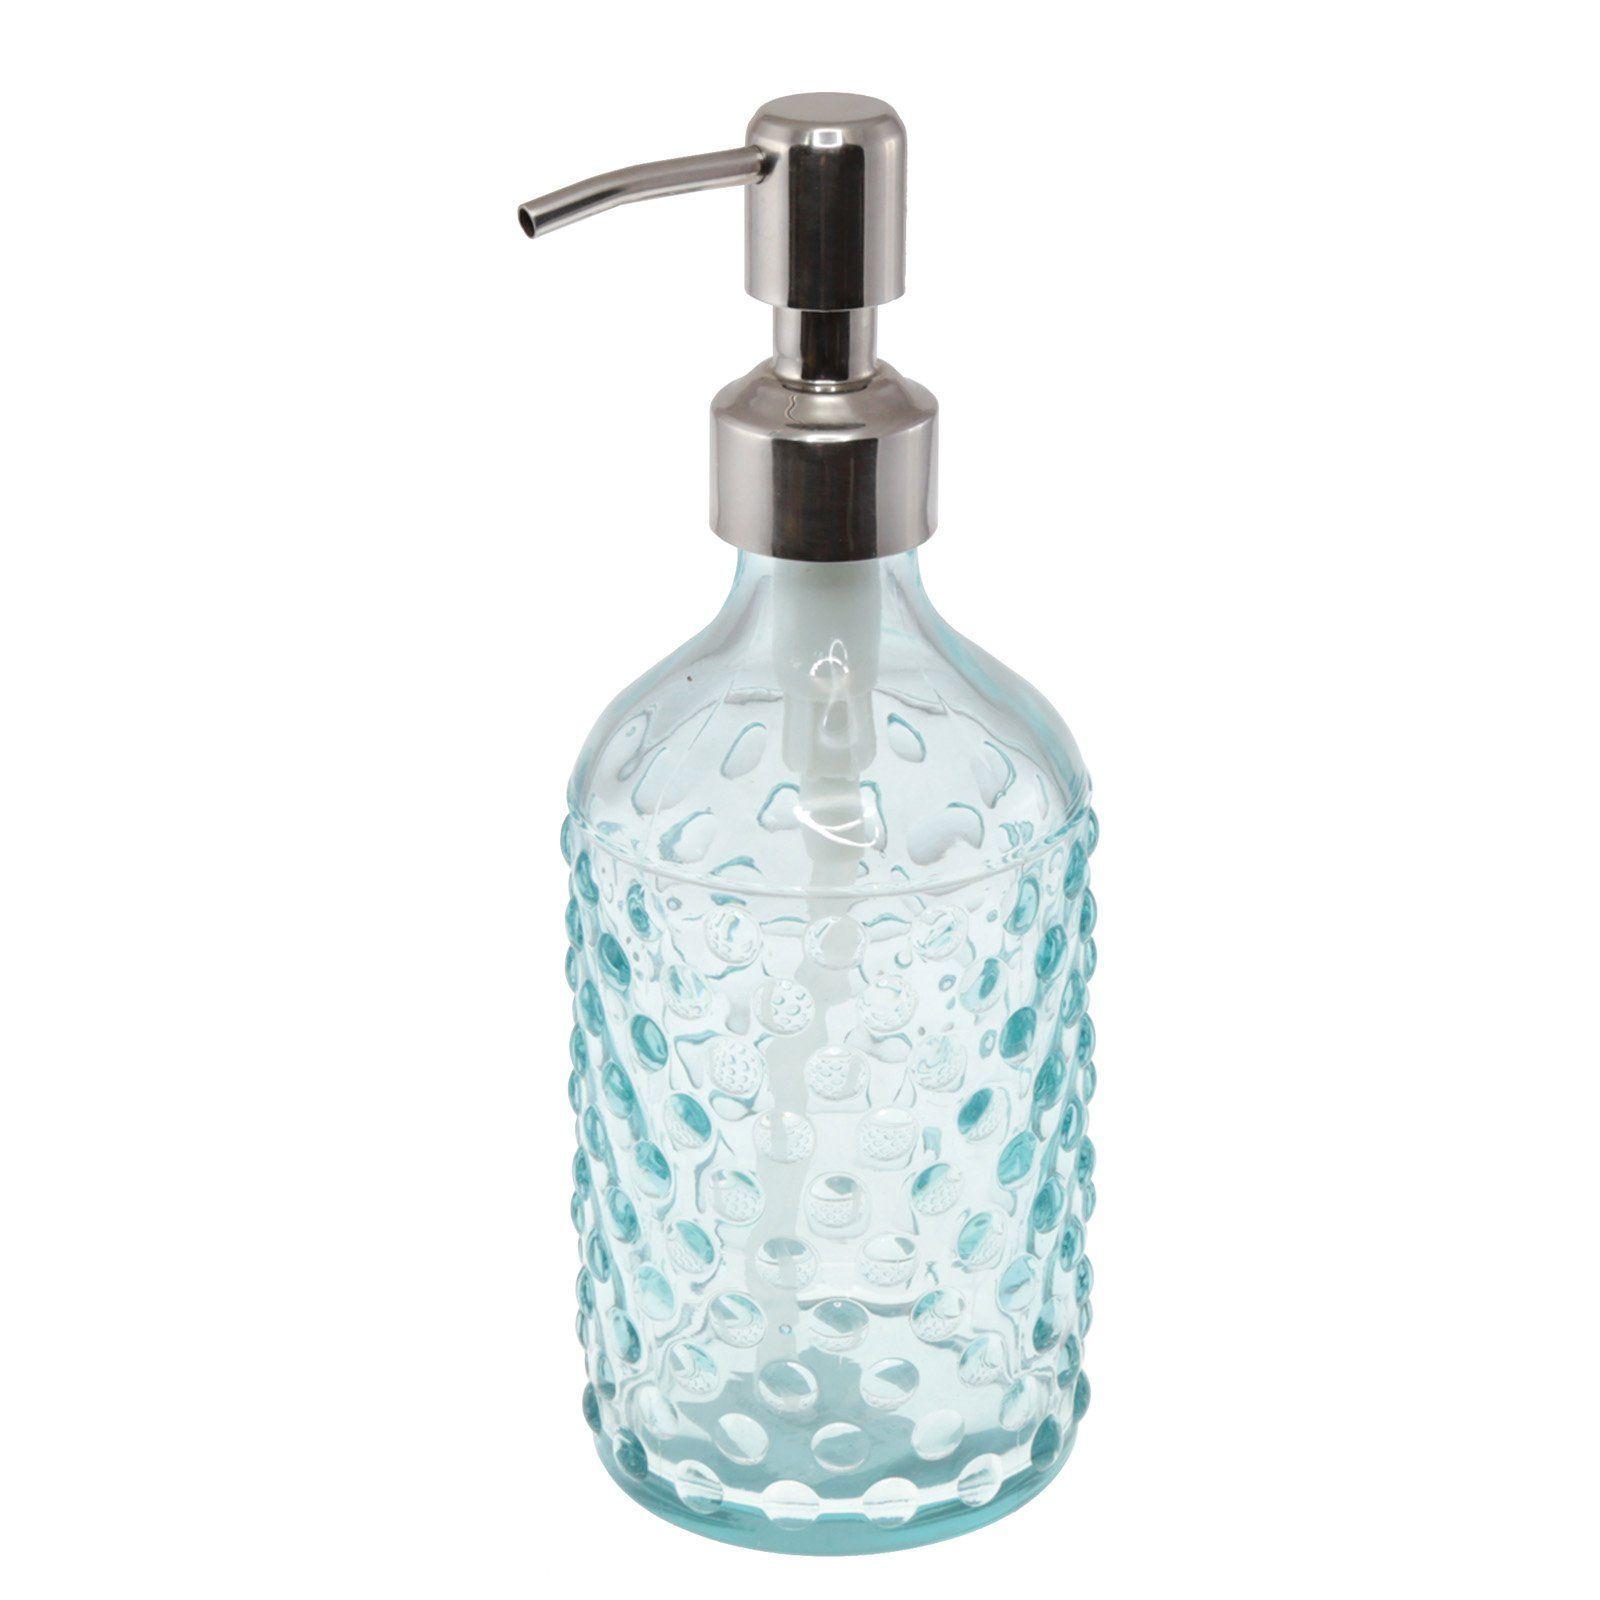 Pin On Best Soap Dispenser